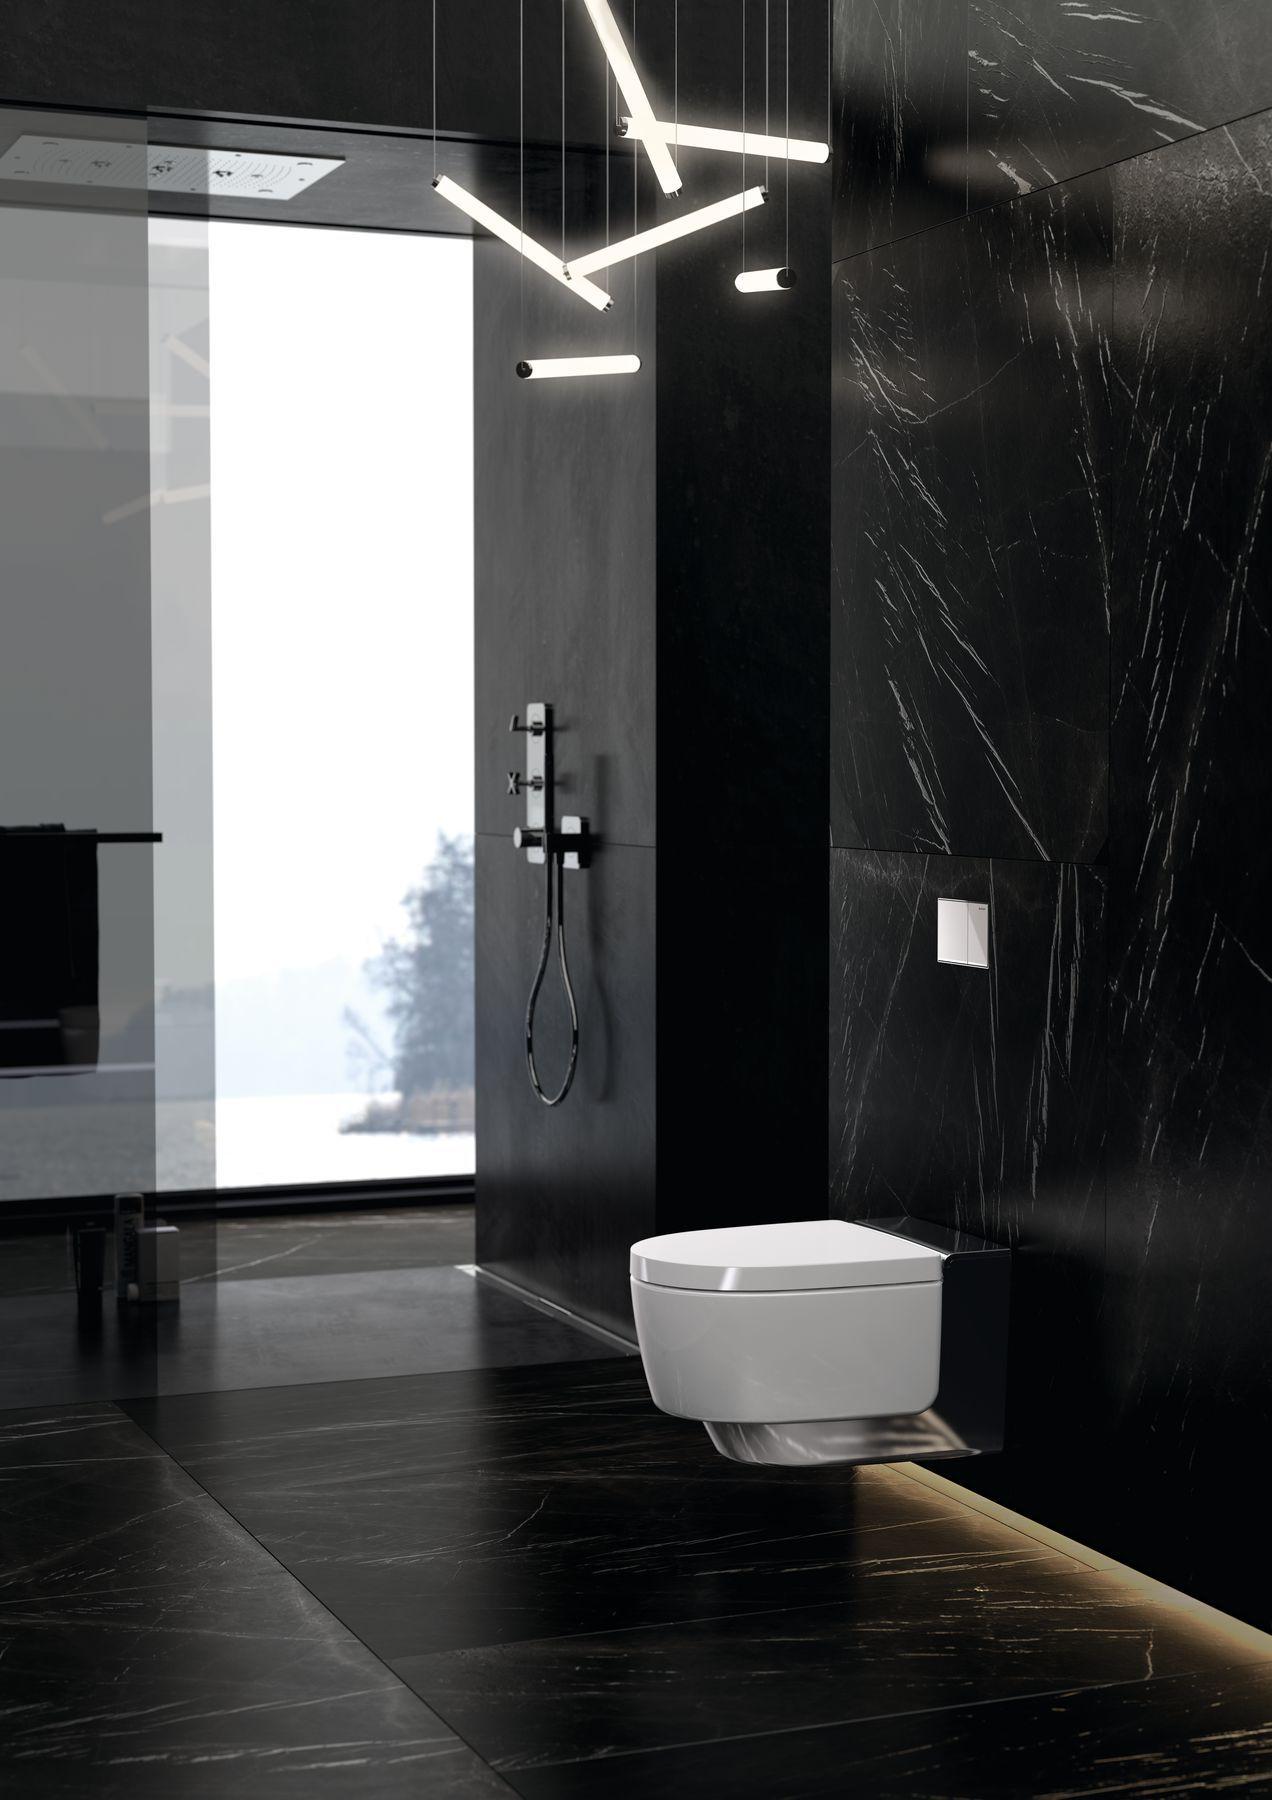 Badkamer Met Toilet Met Douchewc Geberit Aquaclean Mera Douchewc Toilet Badkamer Geberit Badkamer Zwart Badkamer Modern Moderne Badkamer Verlichting